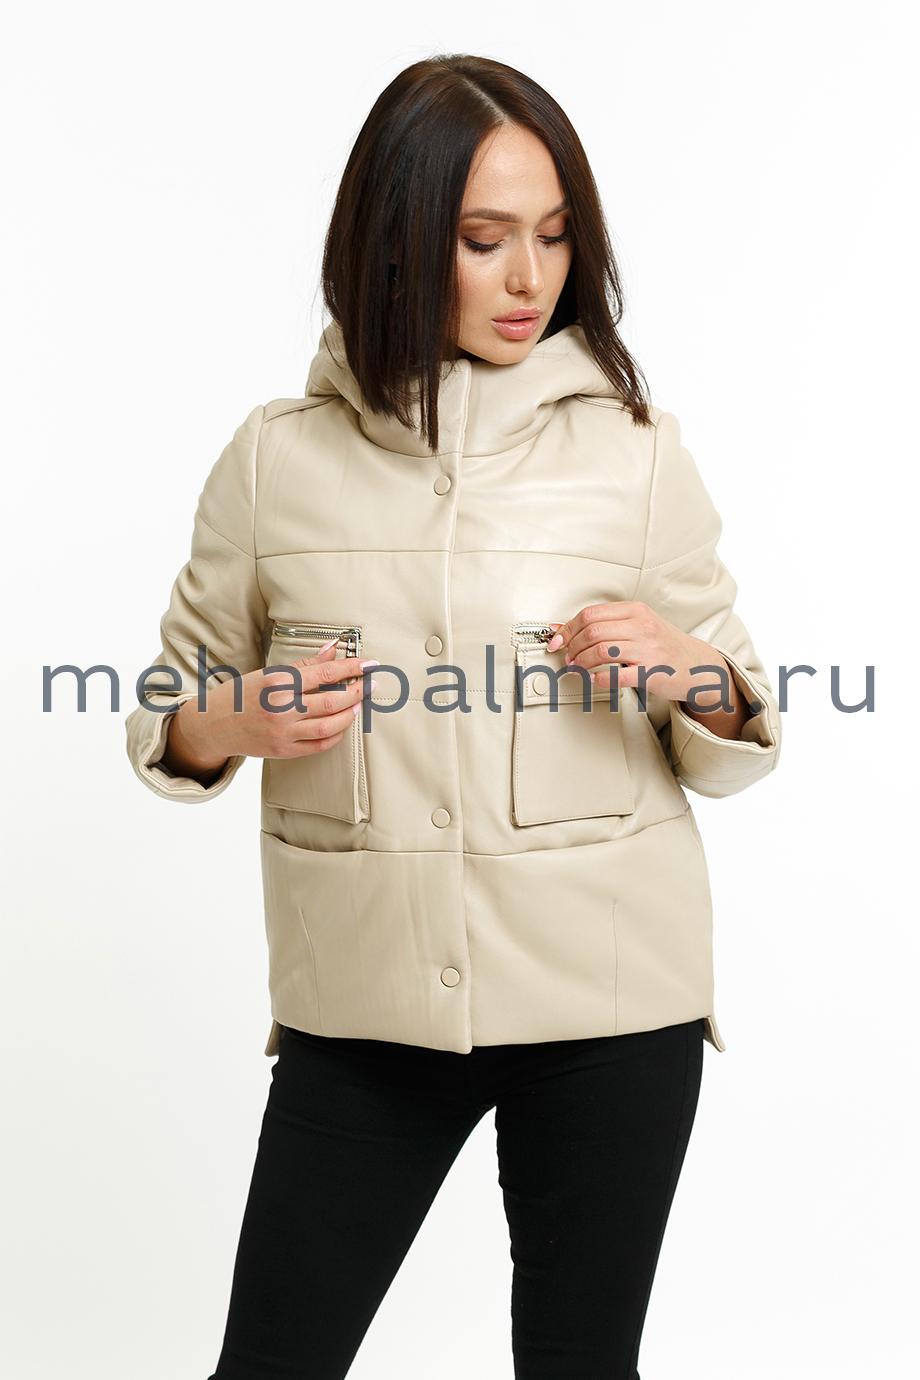 Утепленная женская куртка из кожи с капюшоном бежевого цвета